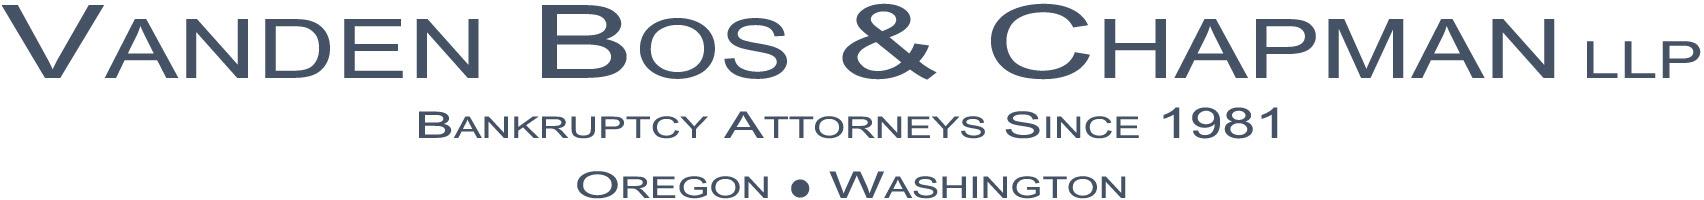 Vanden logo